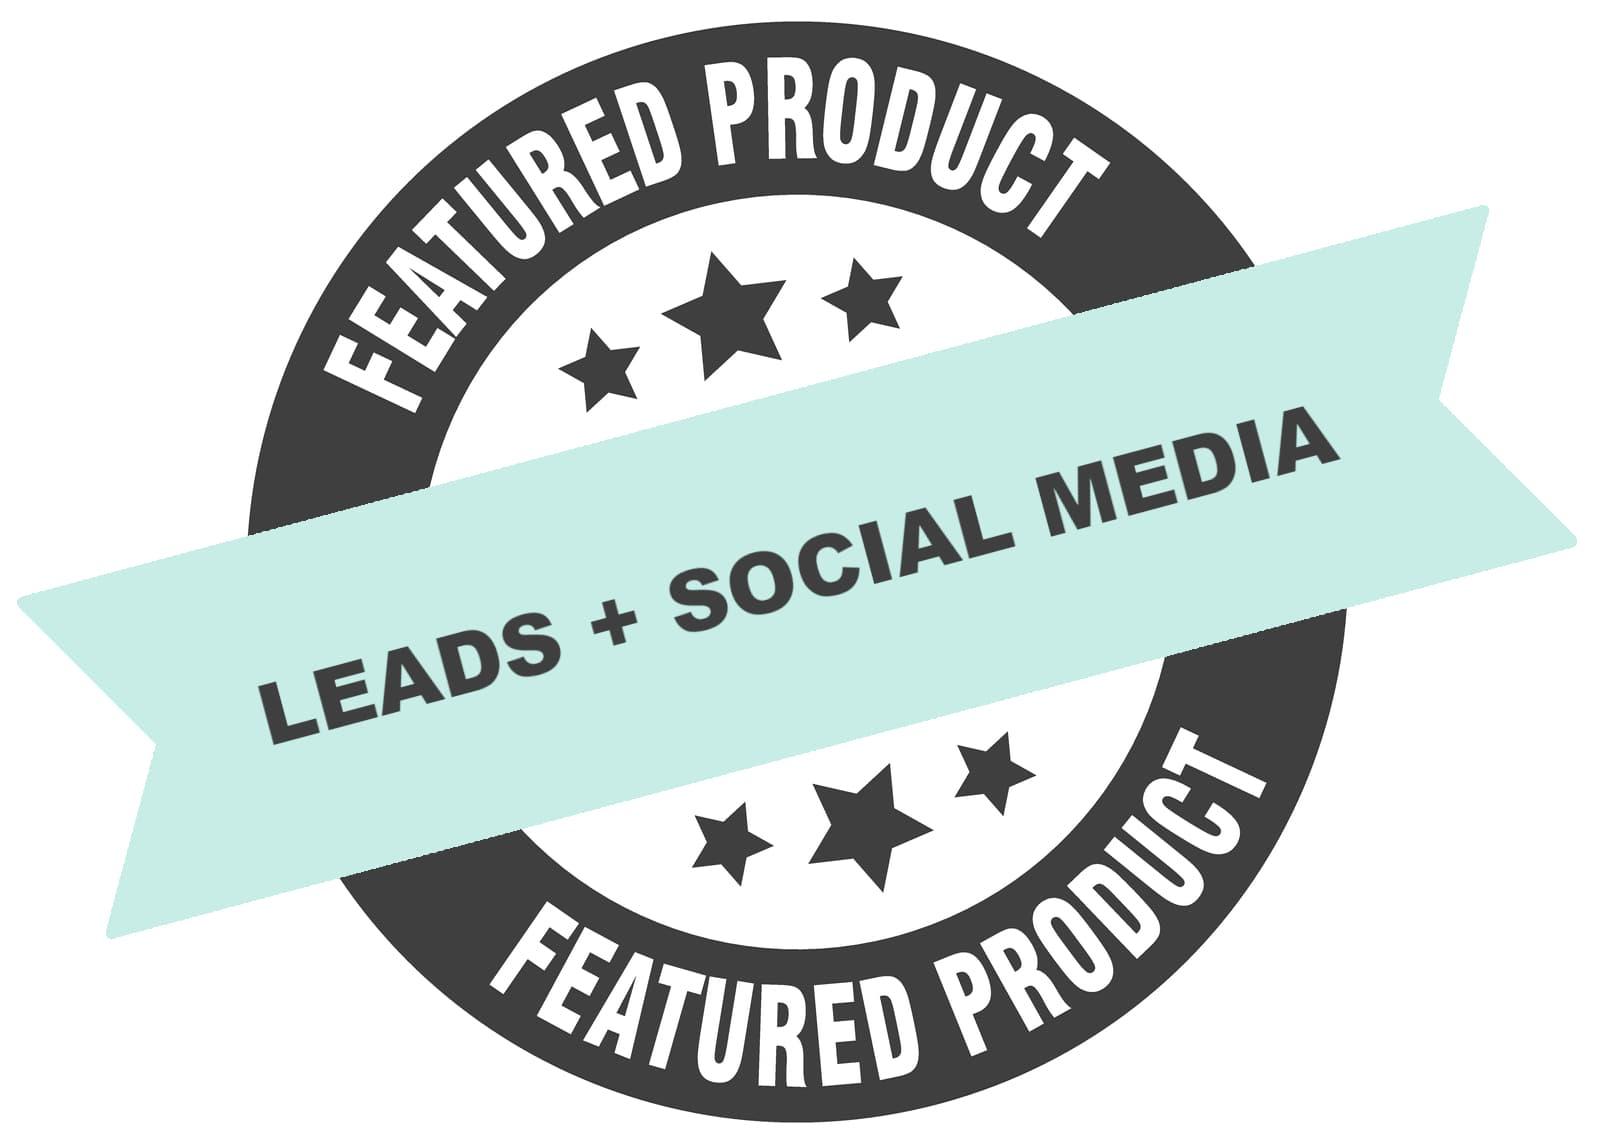 Leads Social Media Investoren Kurs